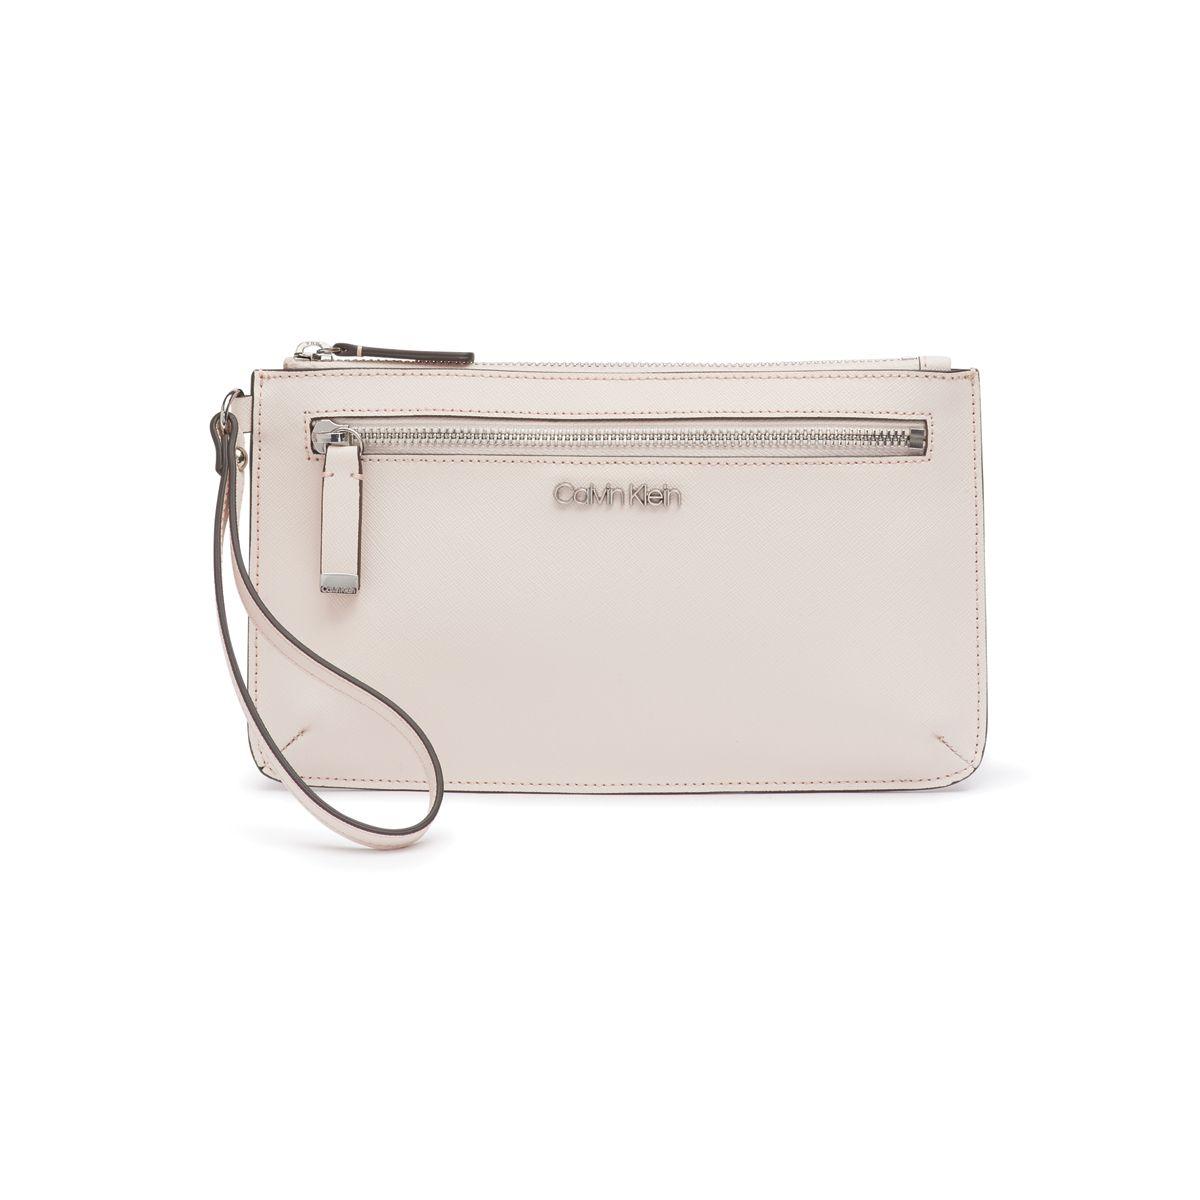 dc4eb2515f3a Calvin Klein Handbags   Bags - Macy s